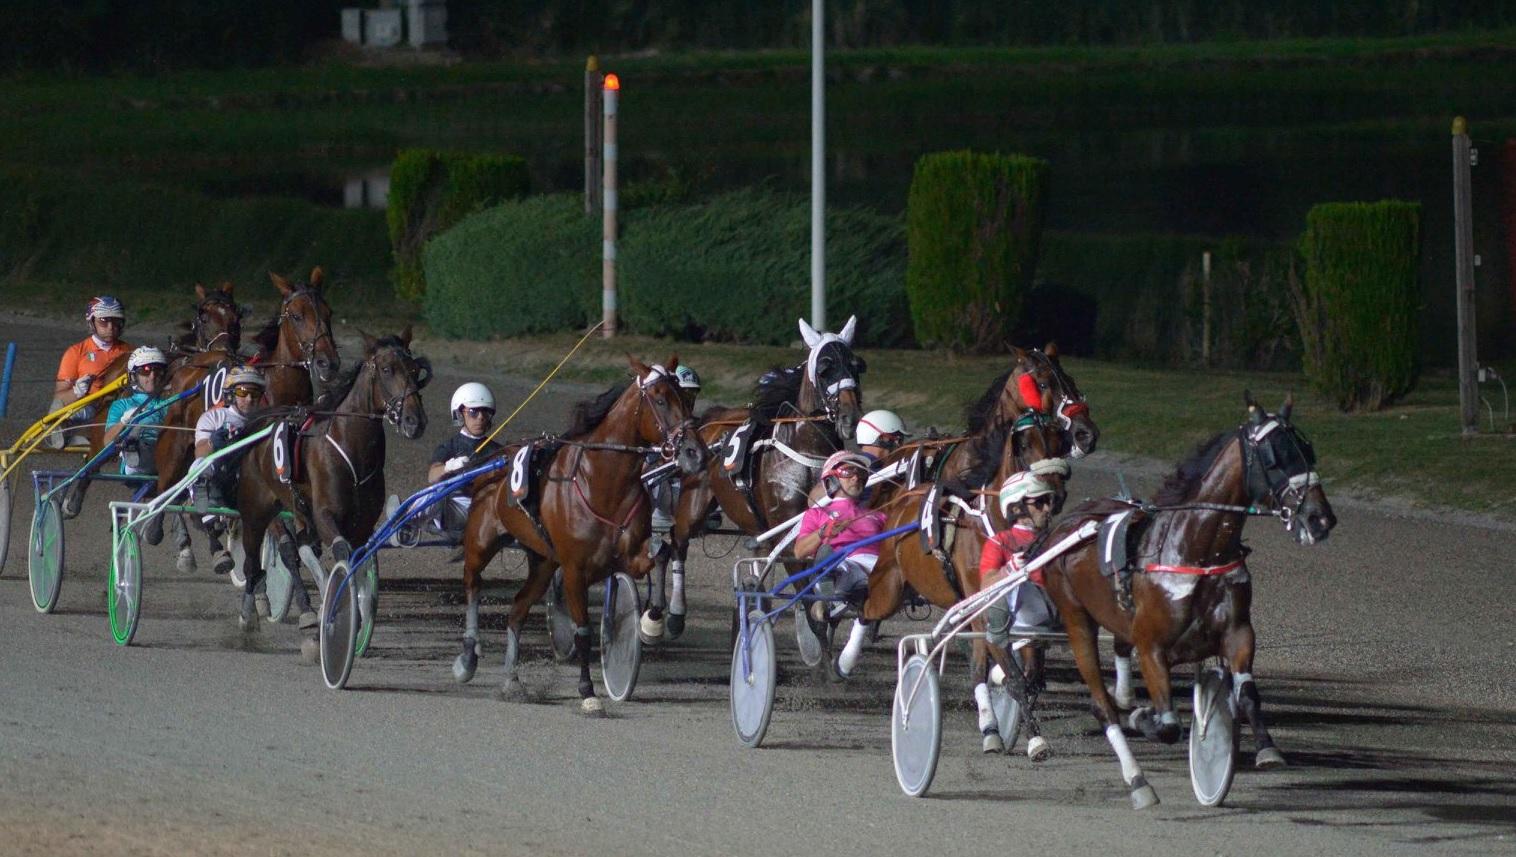 Corse in notturna all'ippodromo San Paolo di Montegiorgio